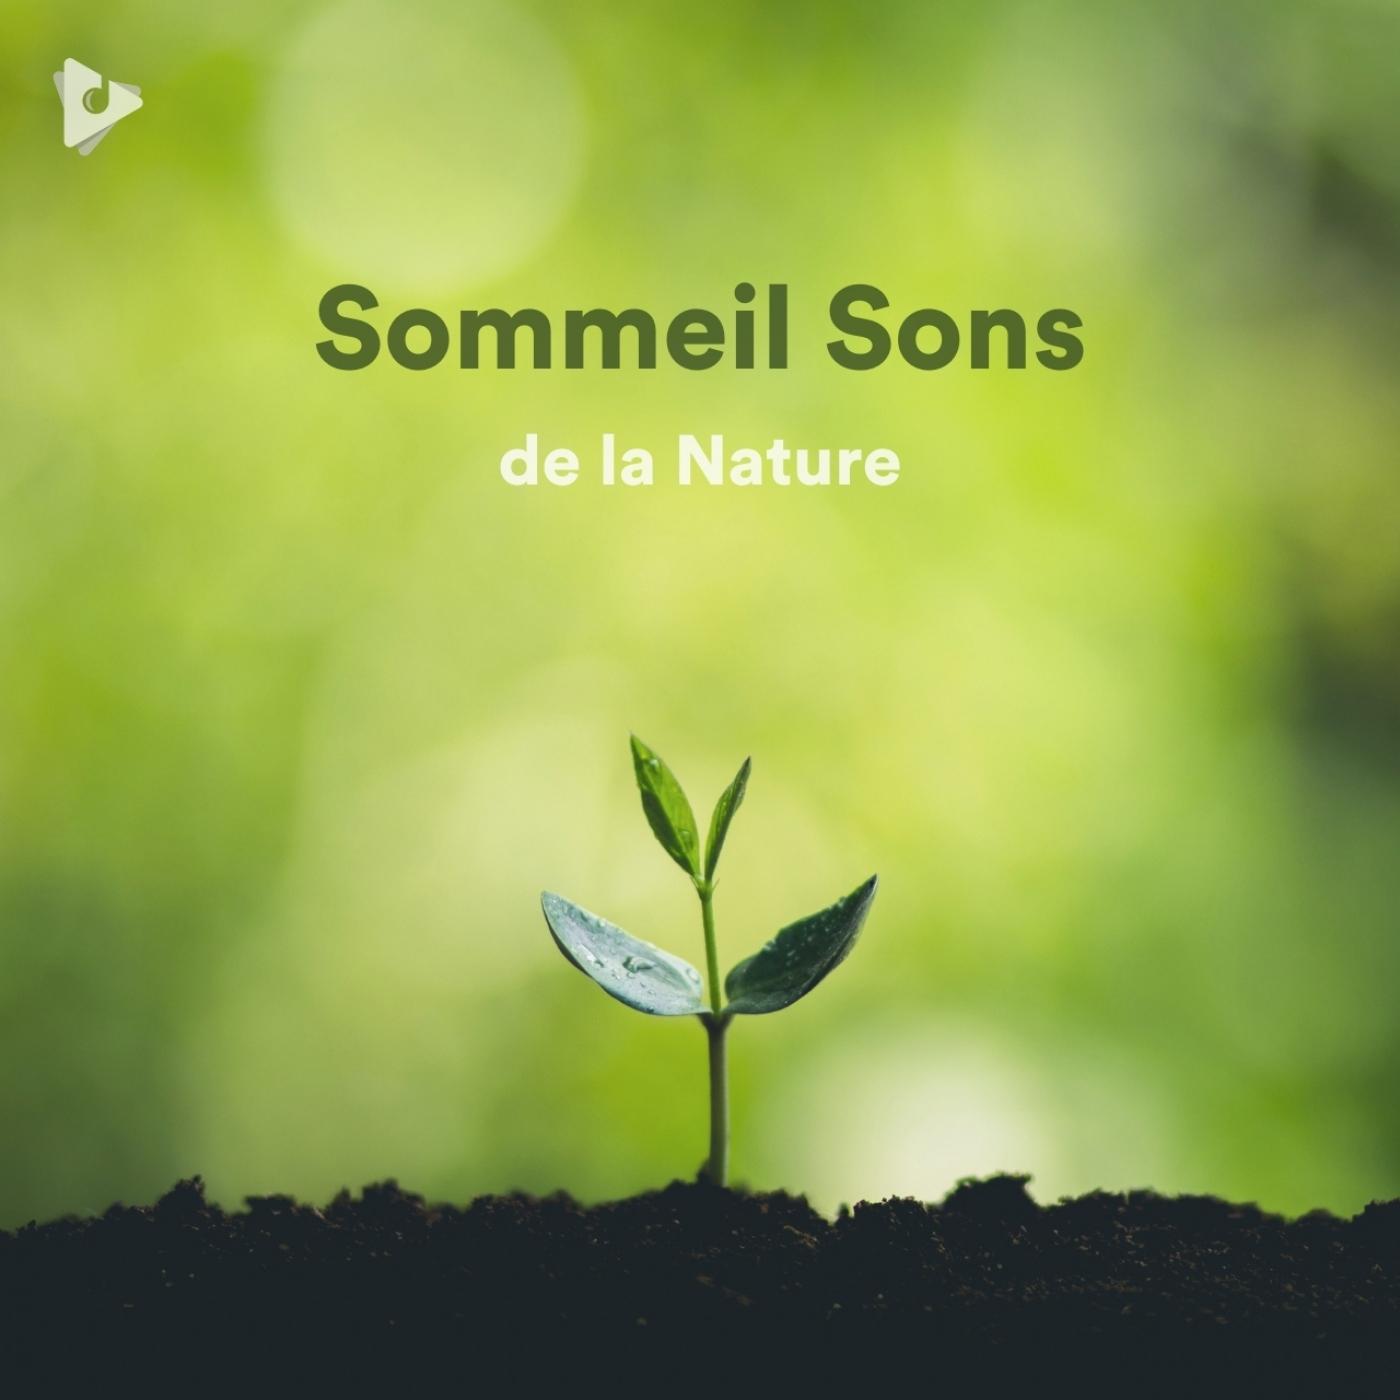 Sommeil Sons de la Nature